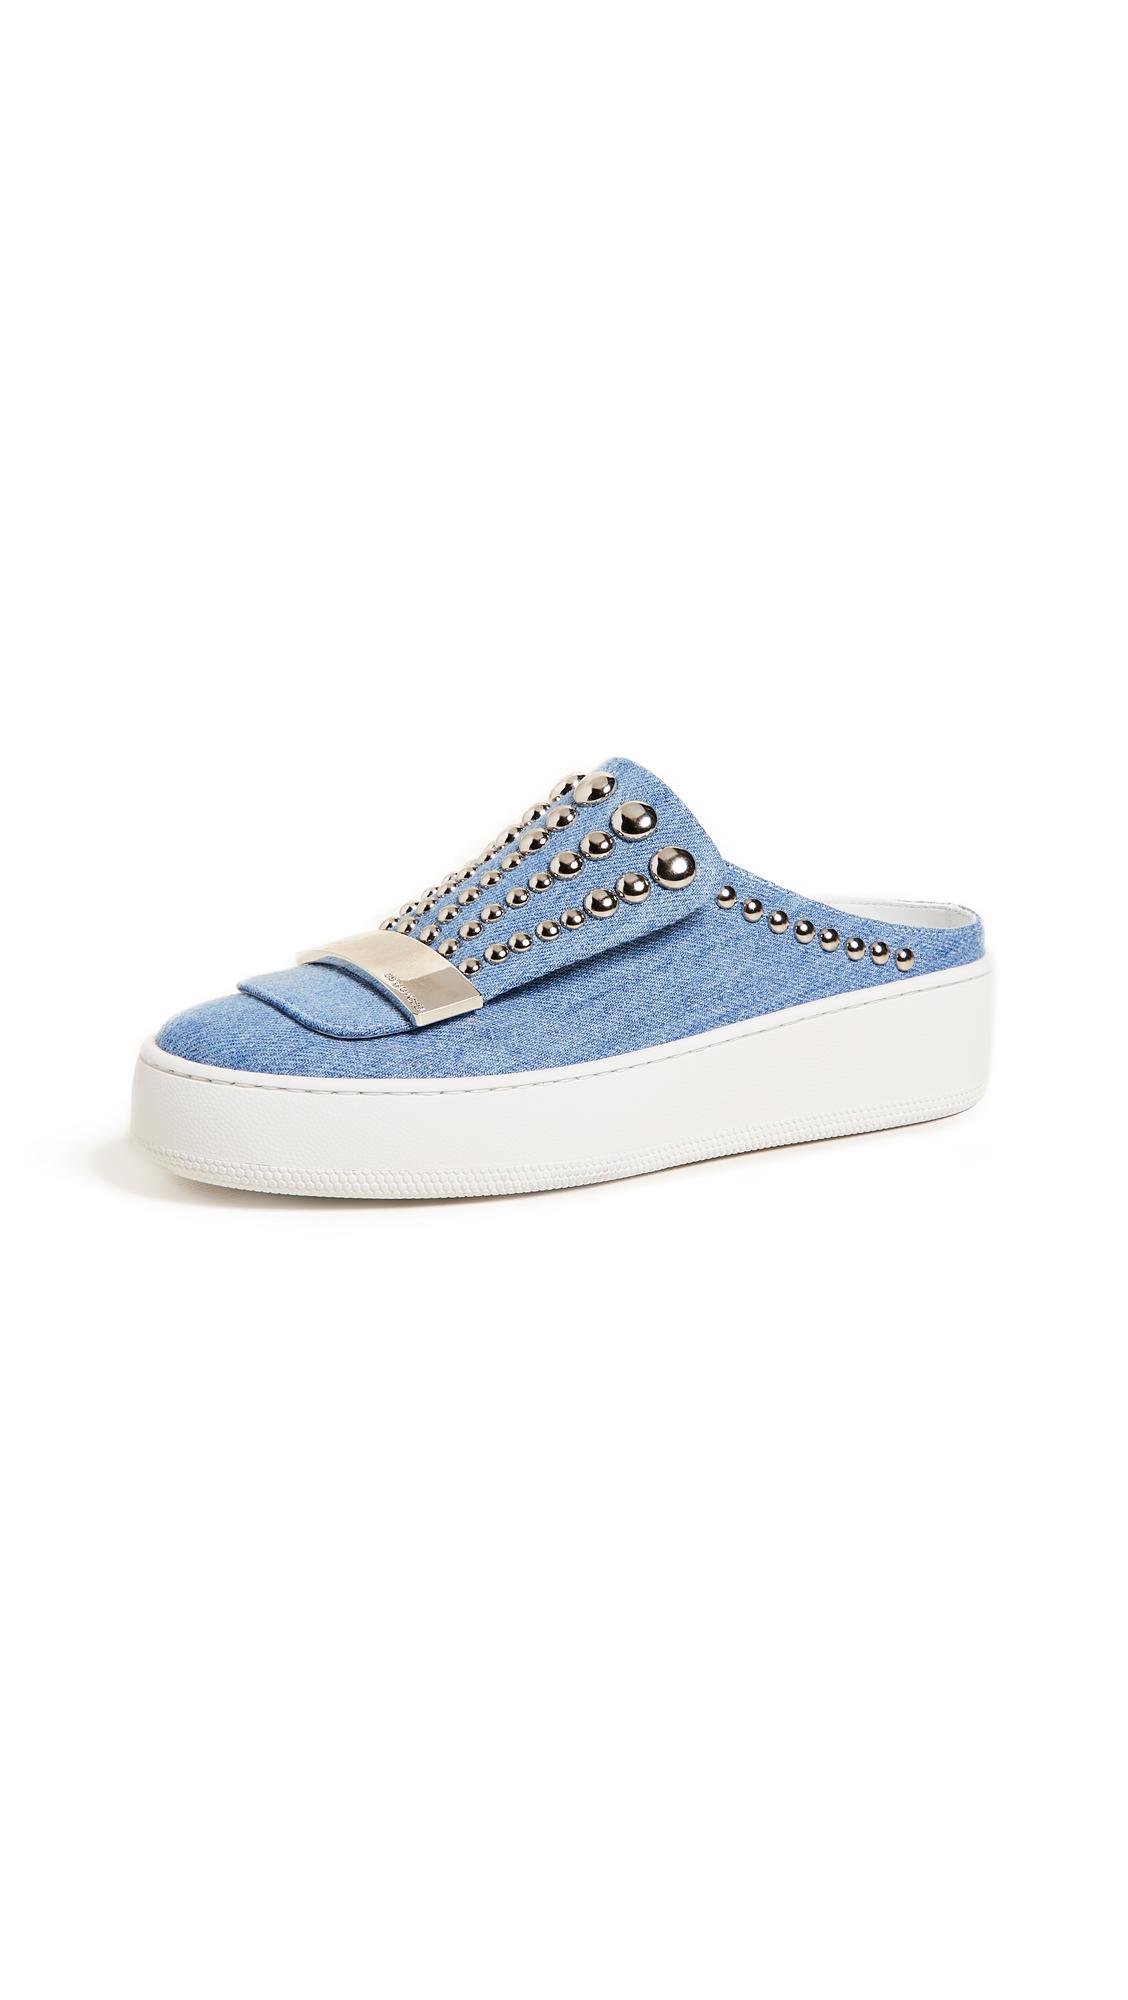 Sergio Rossi Addict Sneaker Mules - Blue